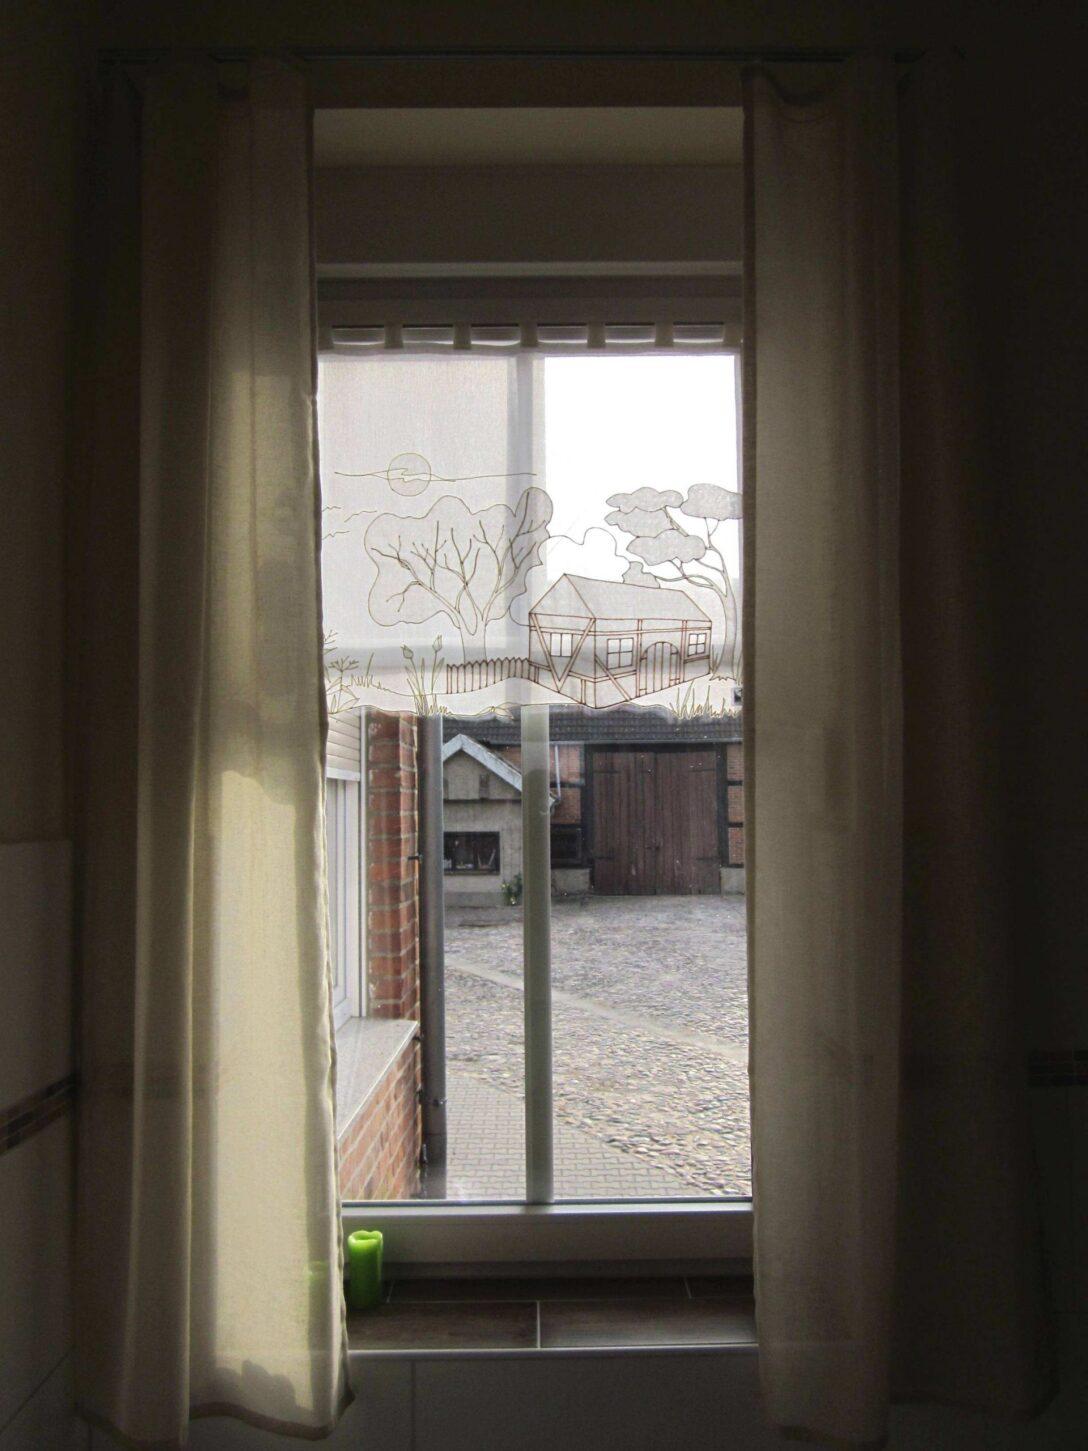 Large Size of Bodentiefe Fenster Geteilt Bodentief Abdichten Einbauen Kosten Velux Ersatzteile Beleuchtung Klebefolie Sichtschutz 120x120 Fliegennetz Kunststoff Rc3 Drutex Wohnzimmer Bodentiefe Fenster Geteilt